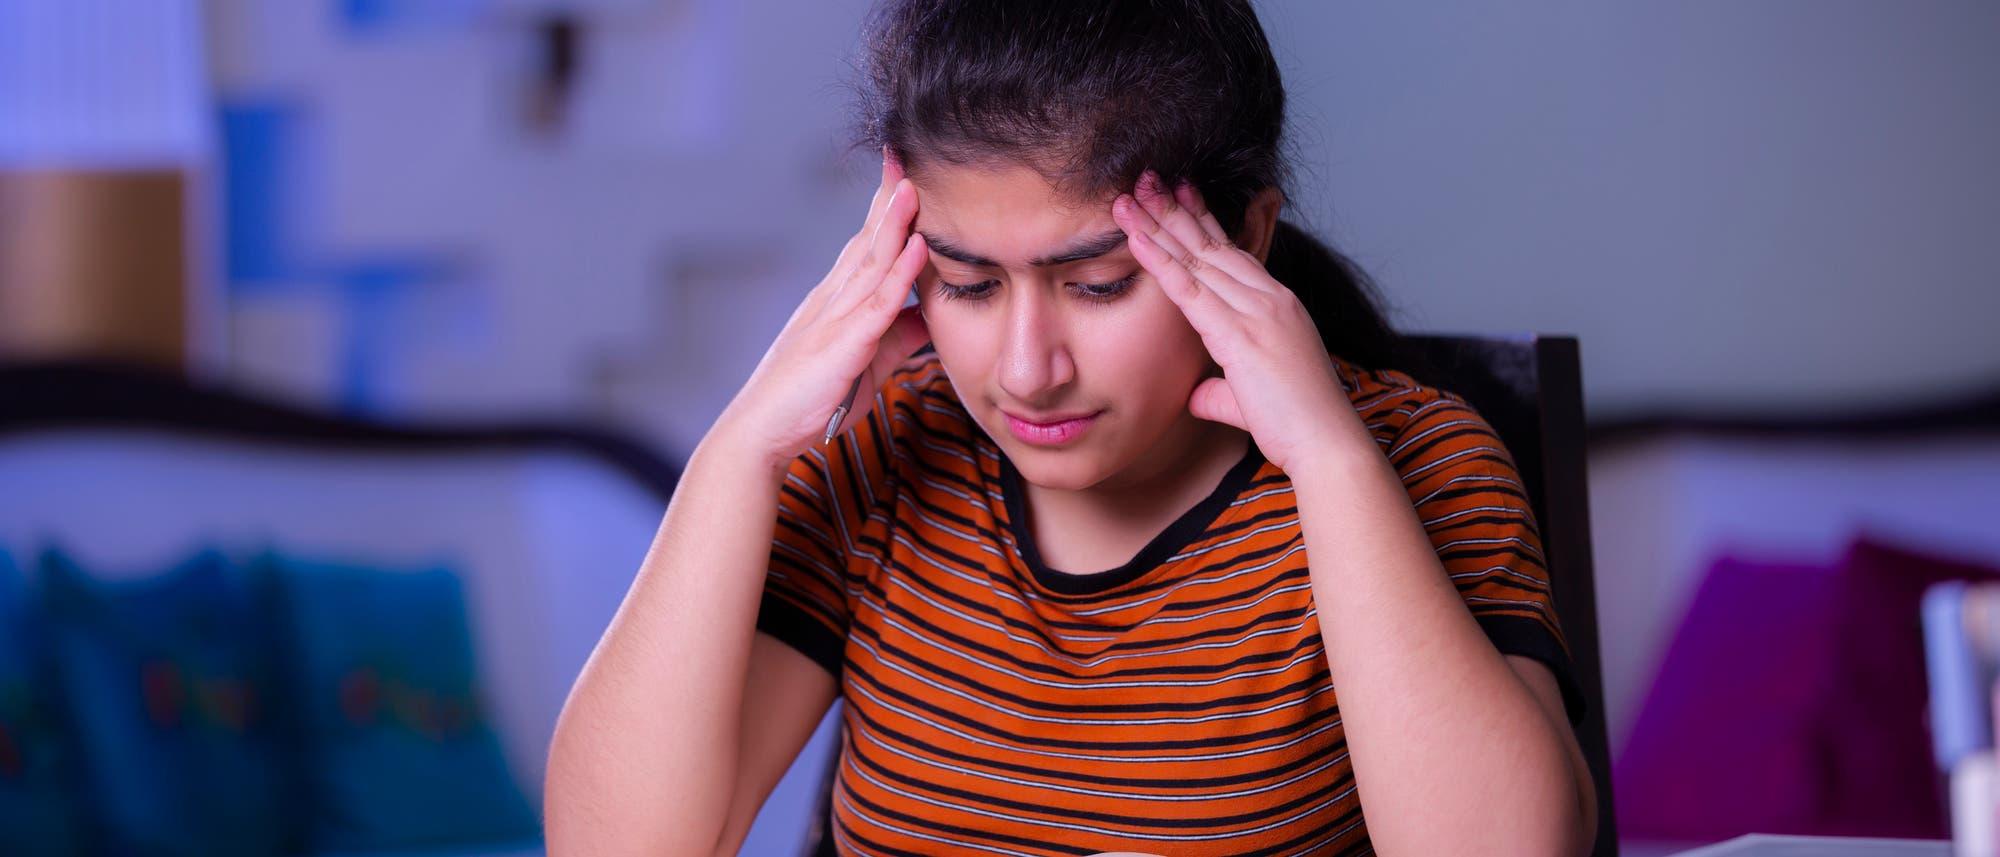 Kopfschmerzen in der Schule